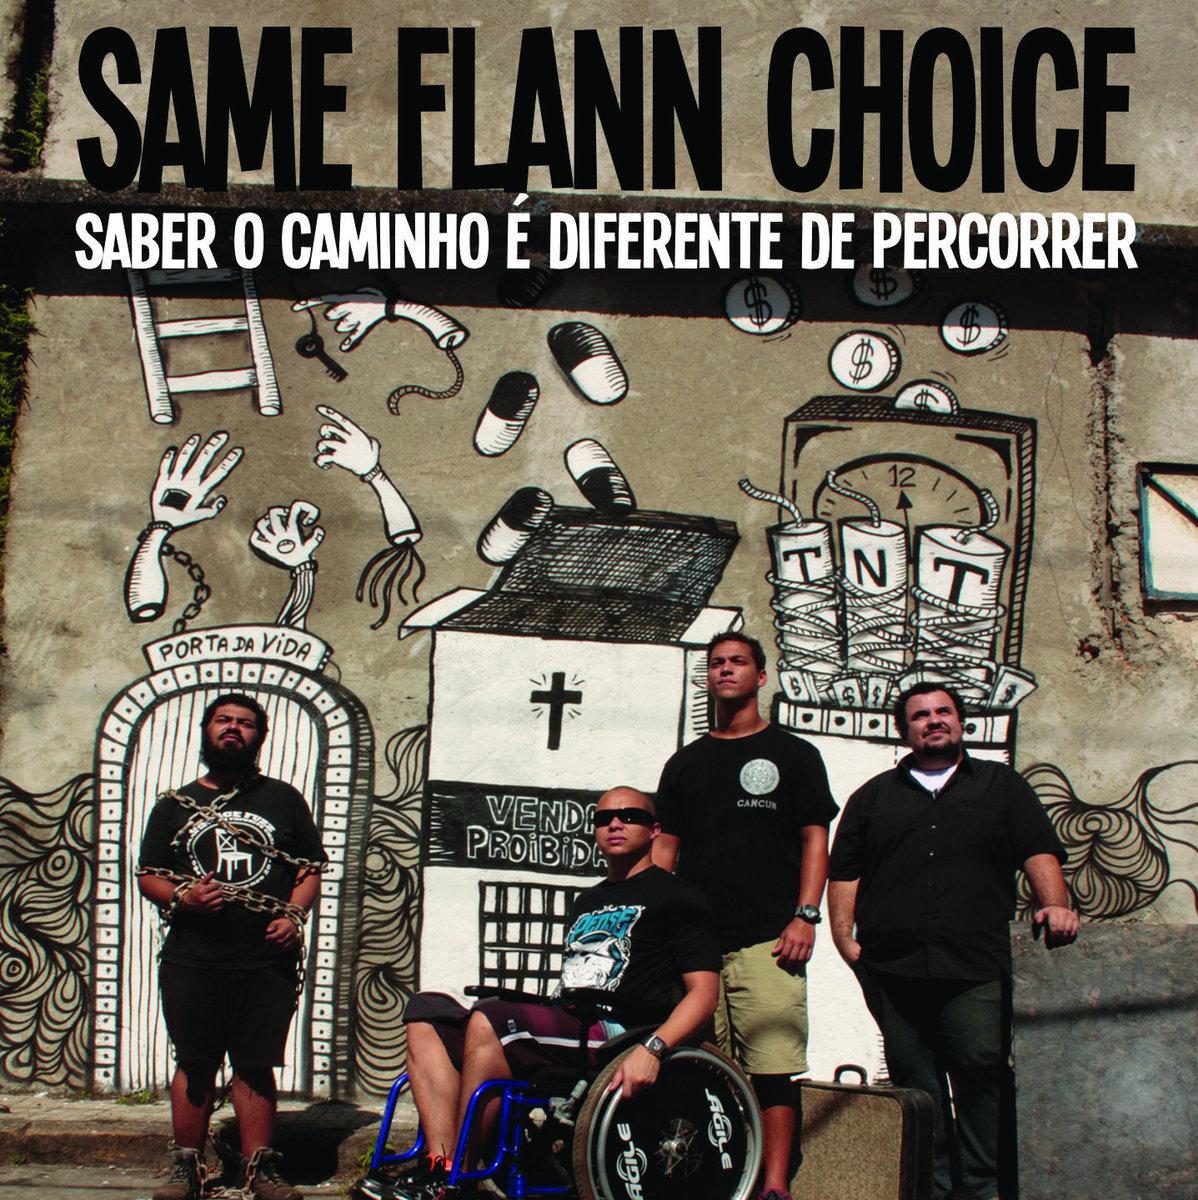 Same Flann Choice - Saber o Caminho é Diferente de Percorrer